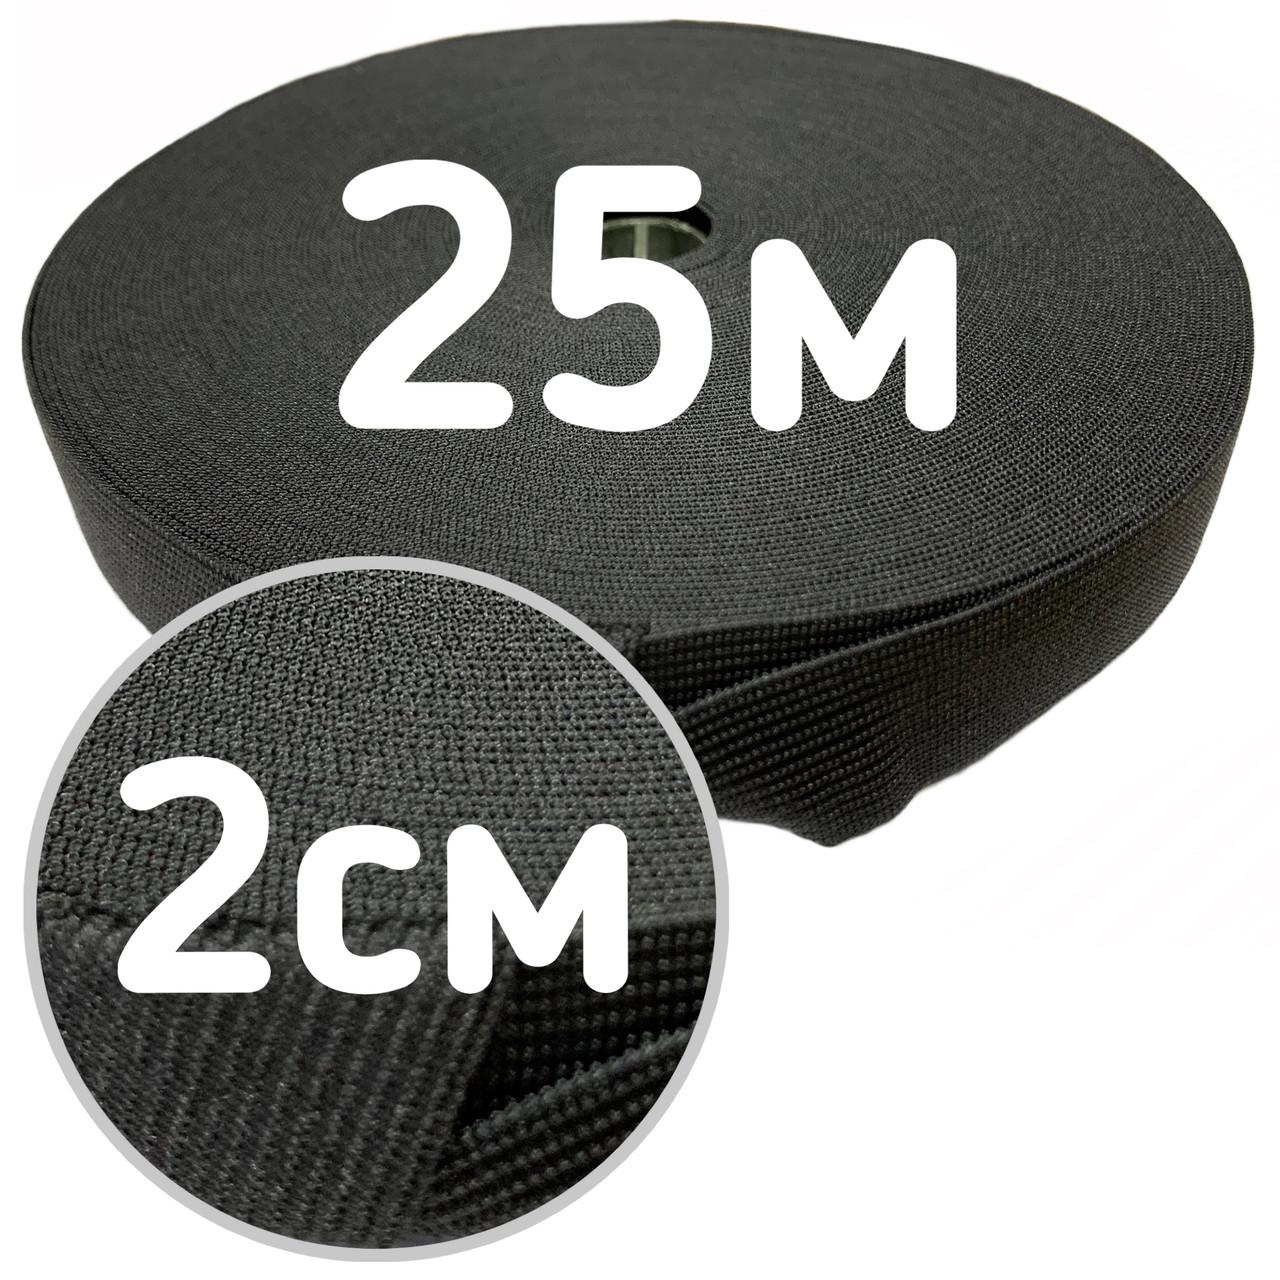 Гумка для одягу 2см 25м чорна, тасьма еластична поліестер